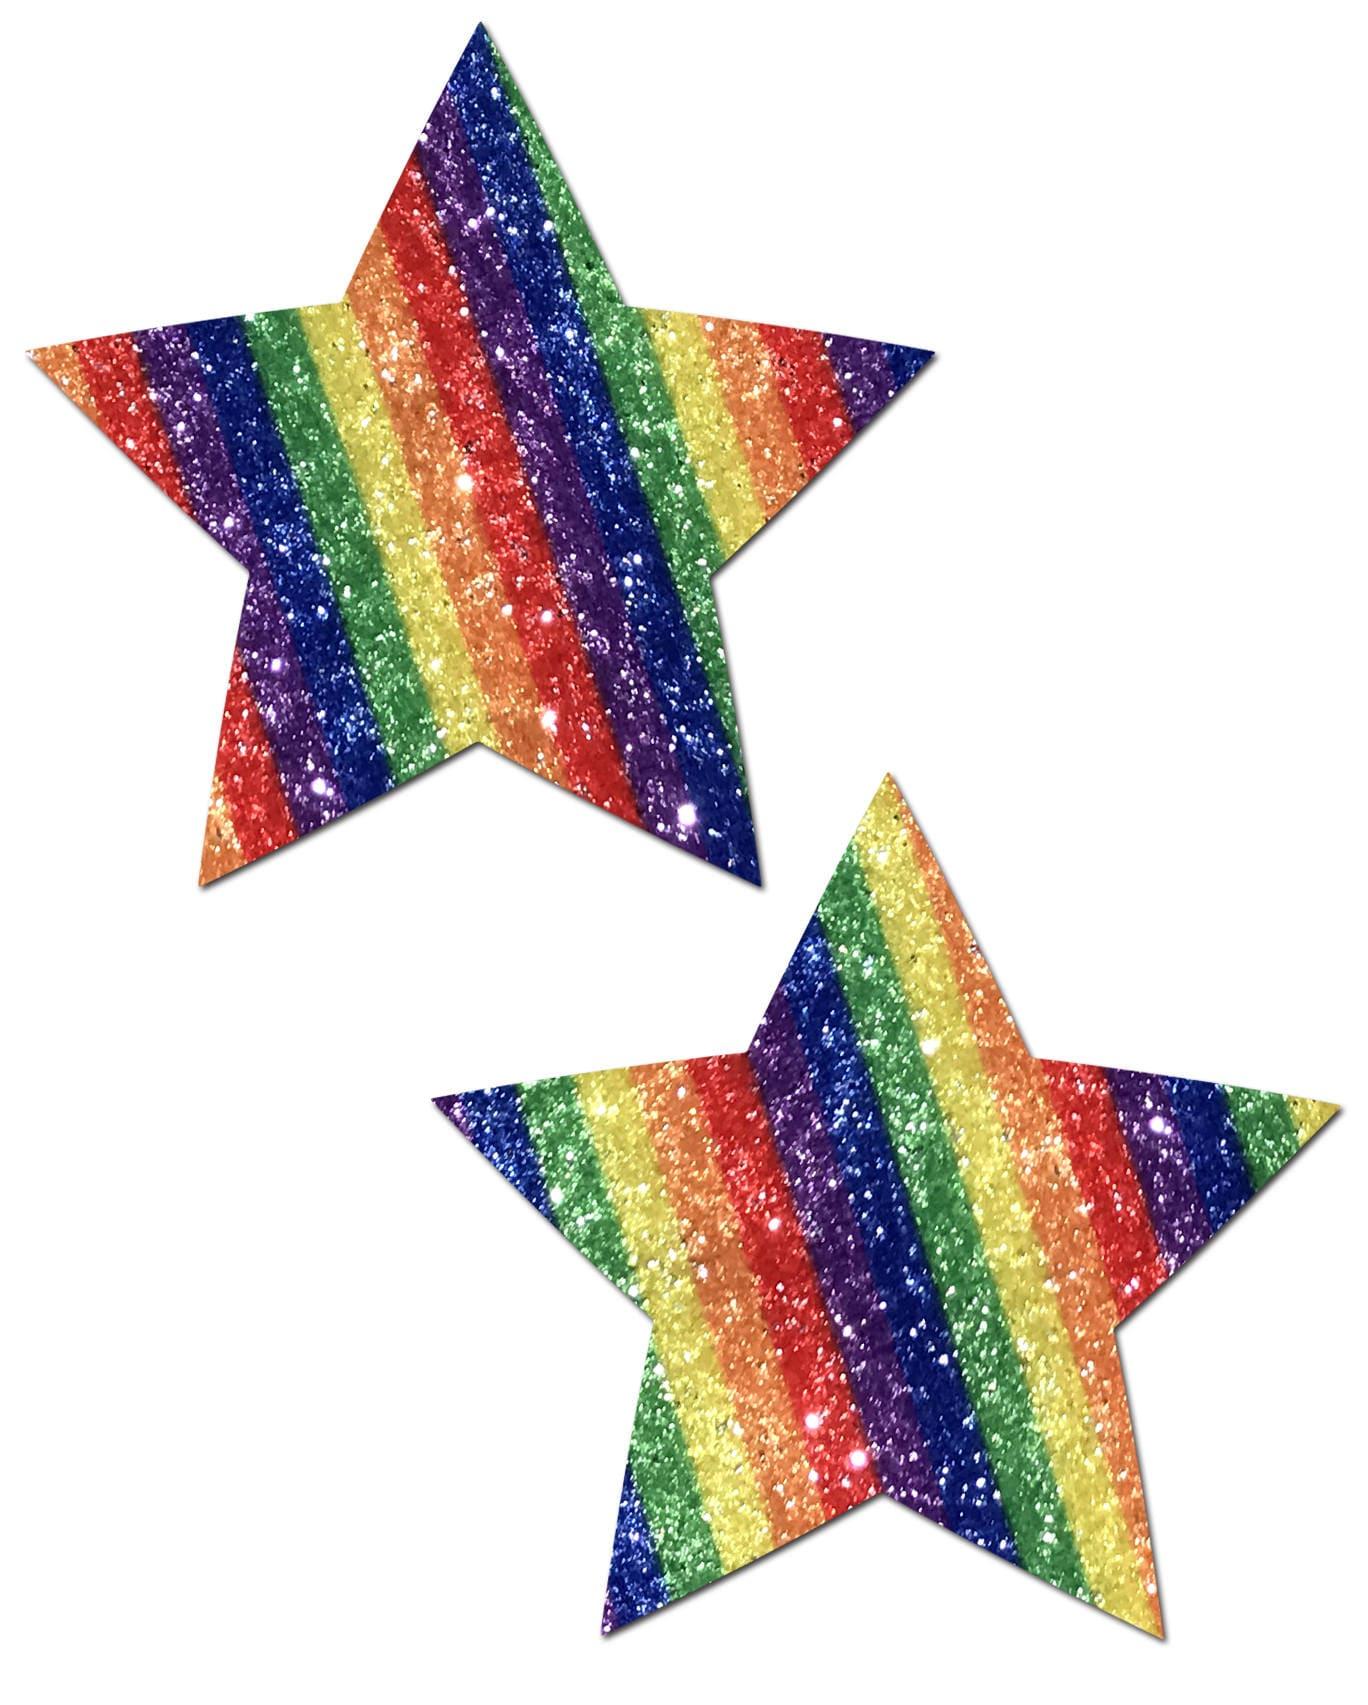 Pasties Rockstar: Glittering Double Rainbow Star Nipple